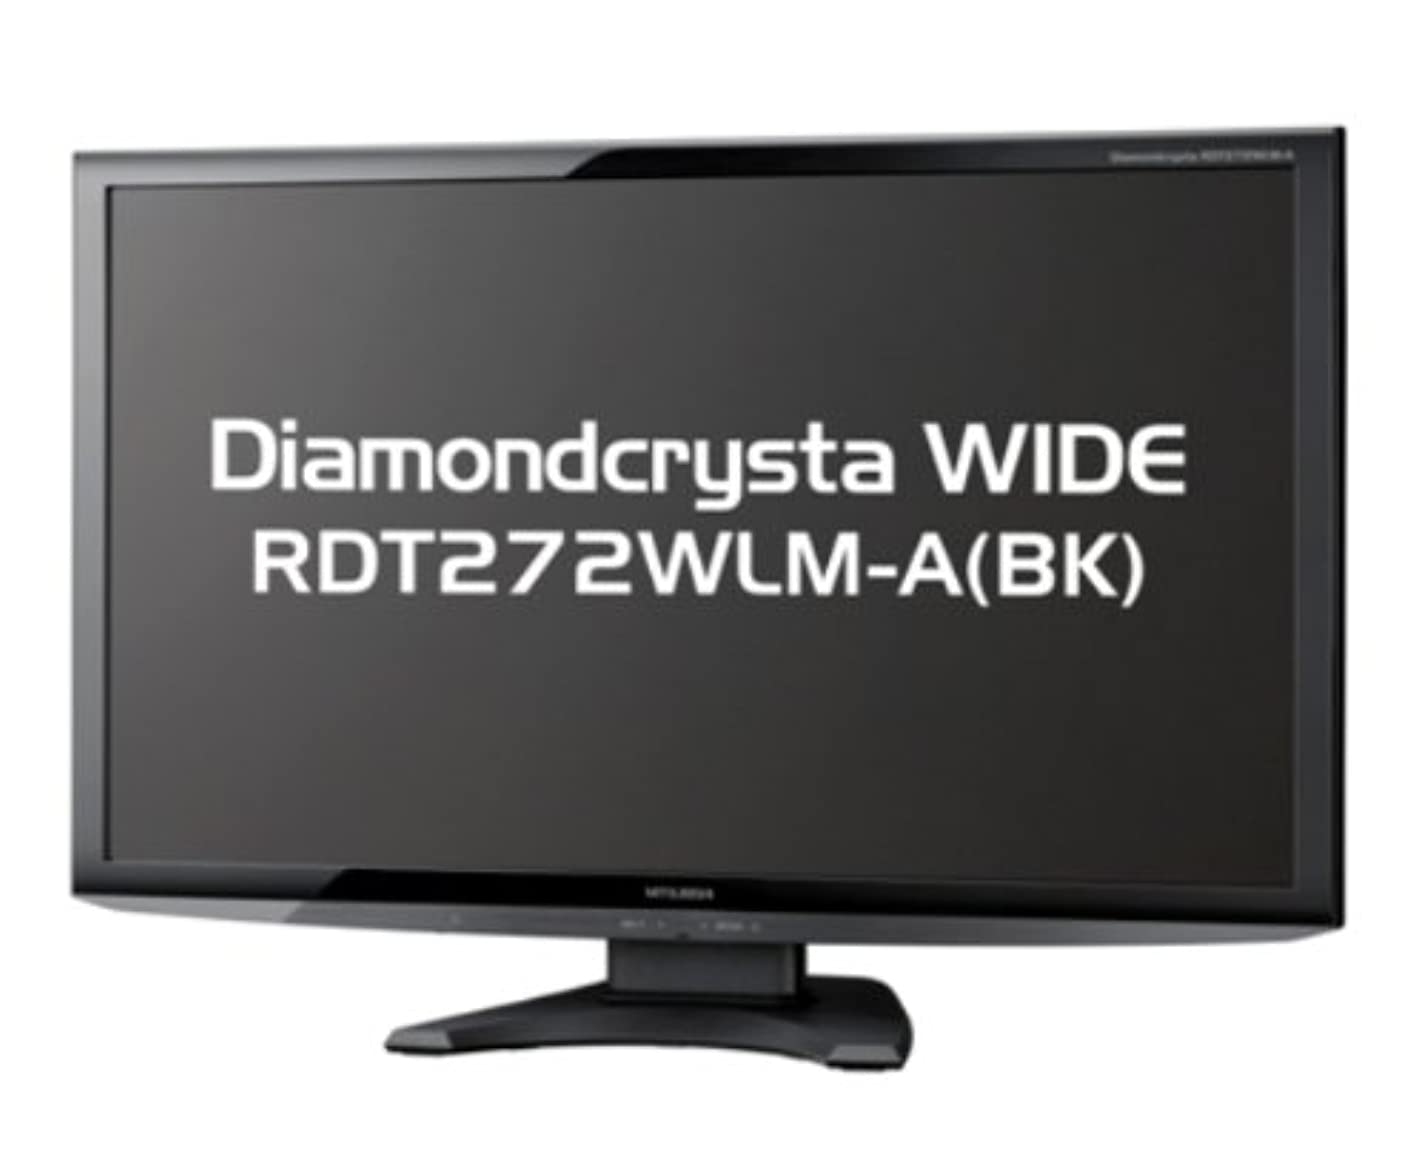 レンズお客様降雨MITSUBISHI 27型三菱液晶ディスプレイ RDT272WLM-A(BK)